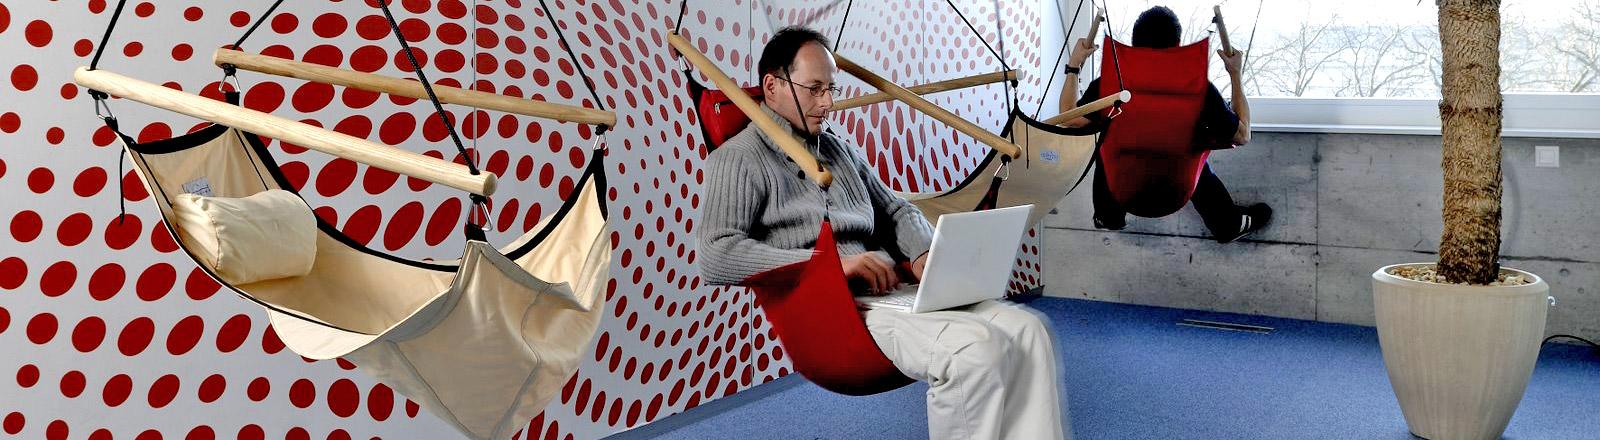 Google-Büro. Ein Mann sitzt mit Laptop in einer Hängematte.